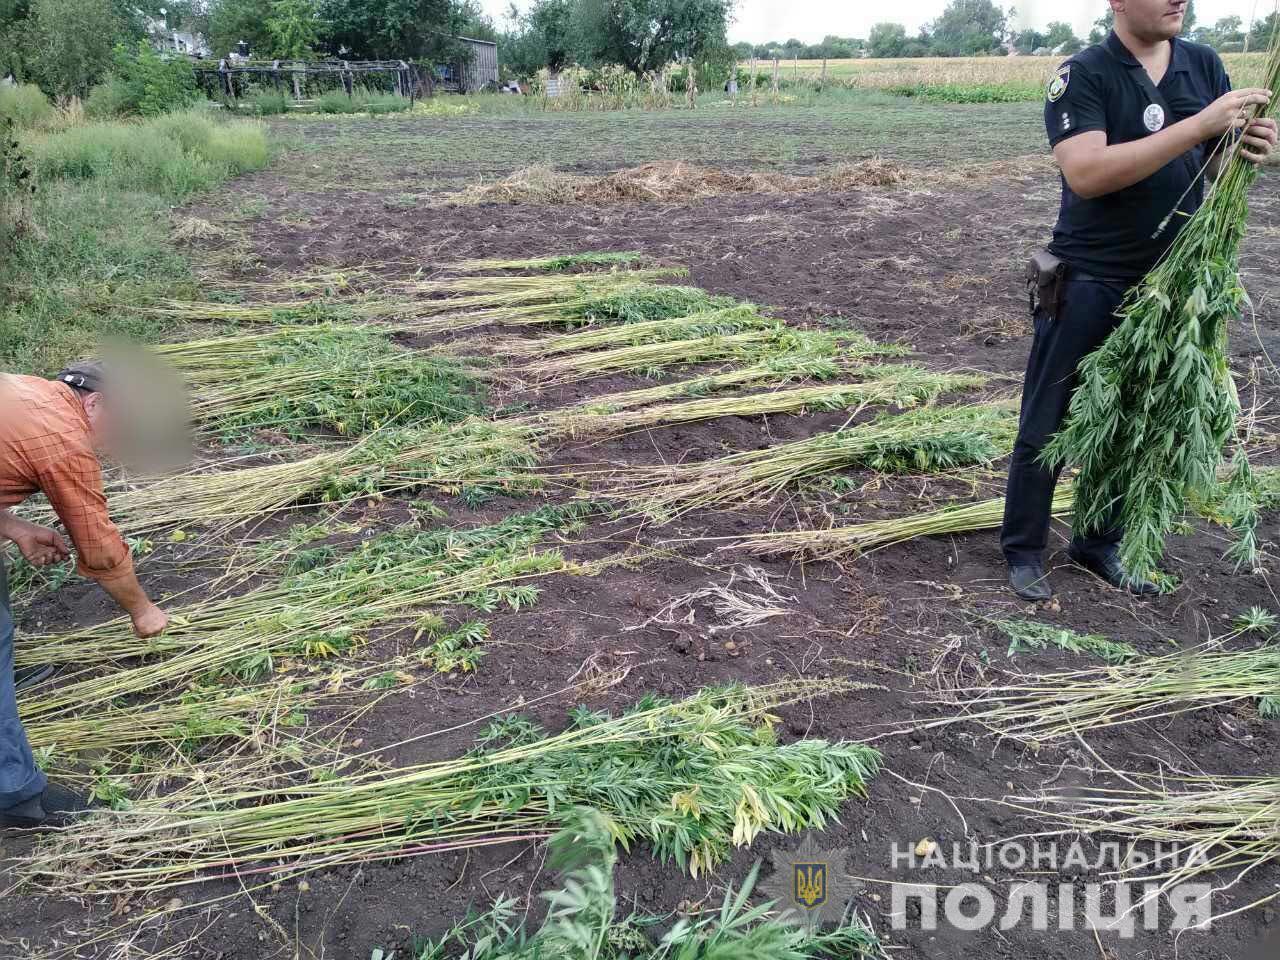 Поліція провела операцію «Мак»: кількість правопорушень в області. Новини Дніпра